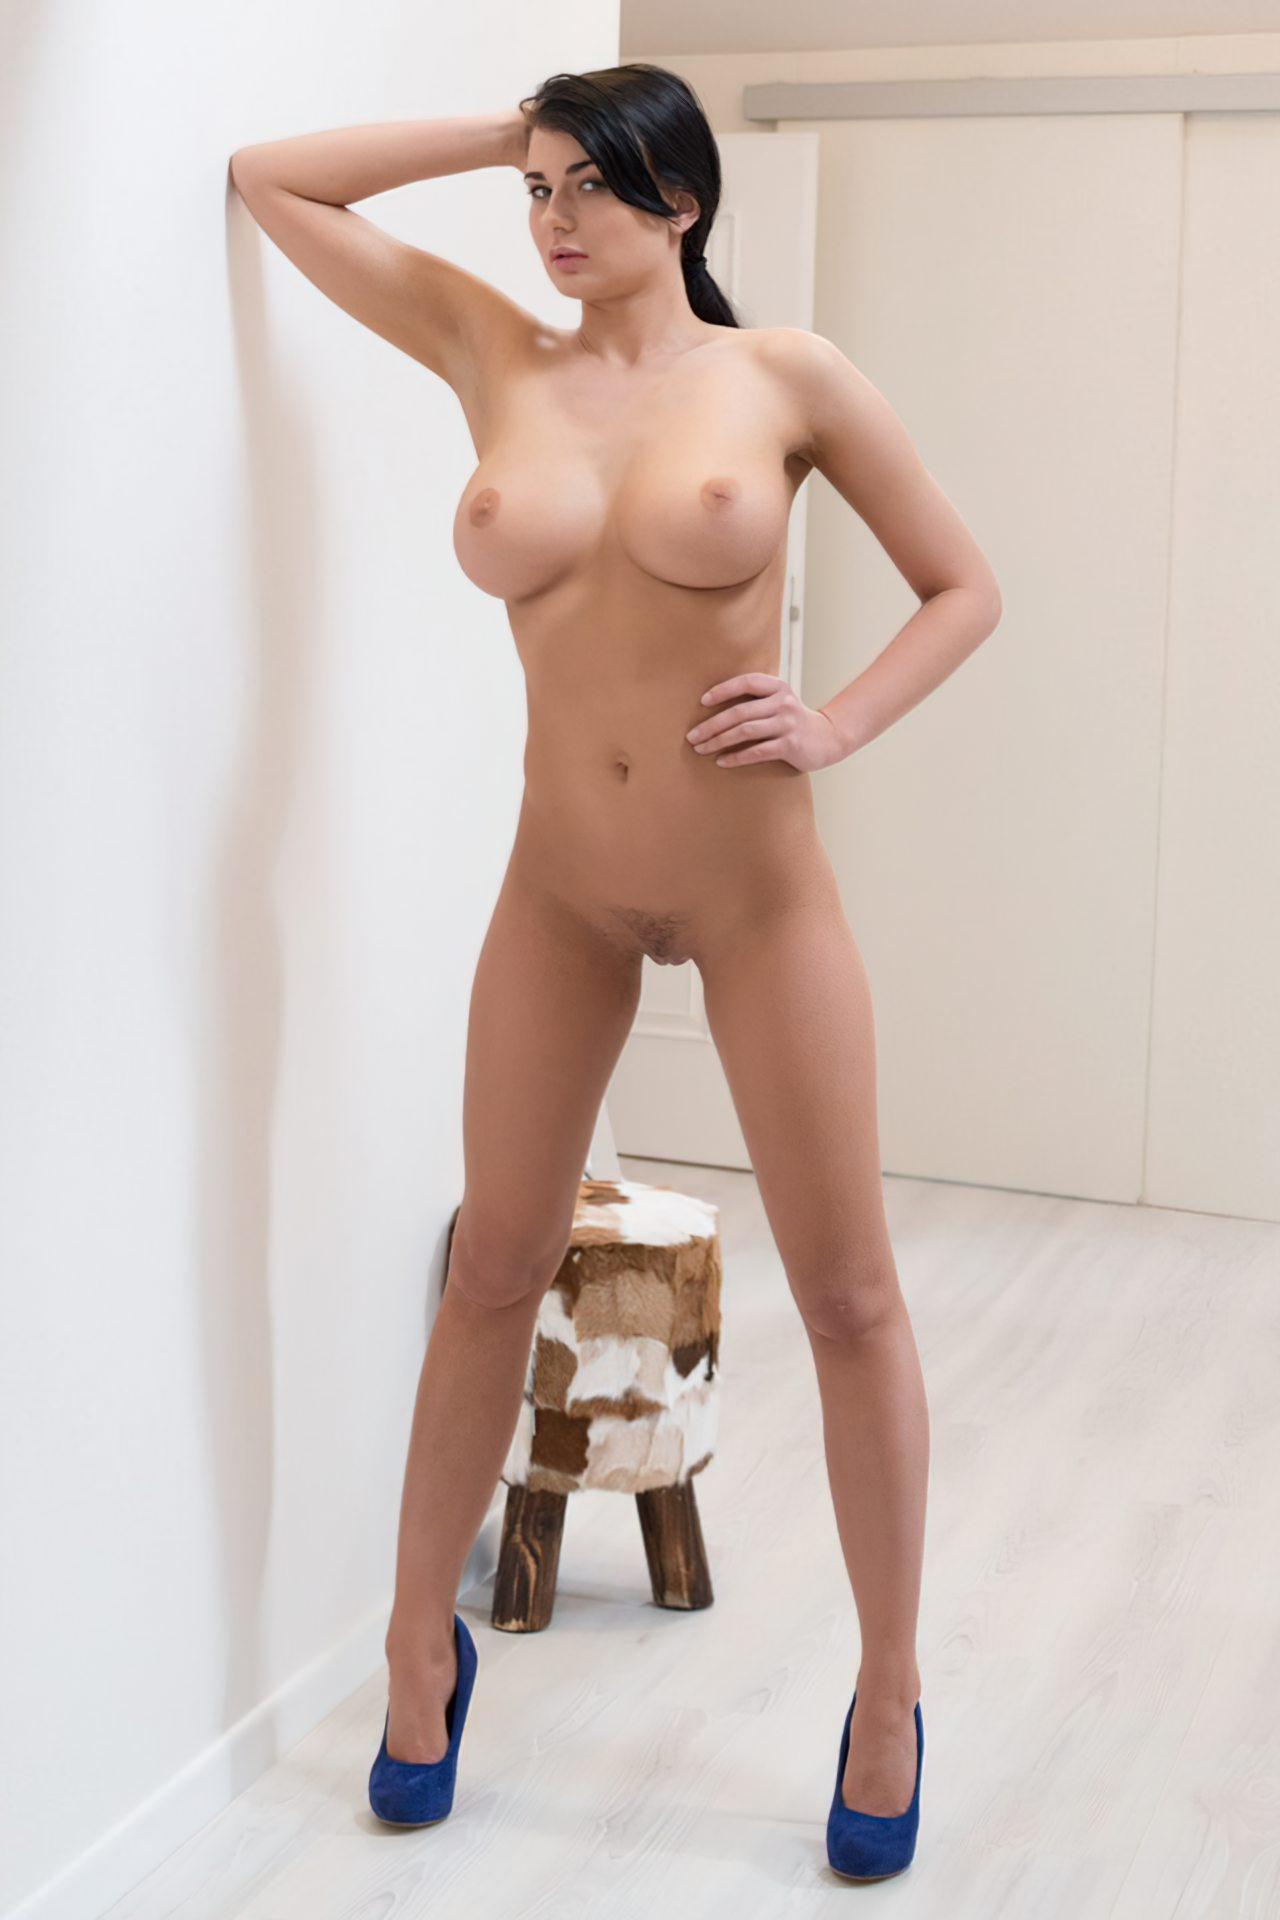 Mulheres Gostosas Nuas (23)